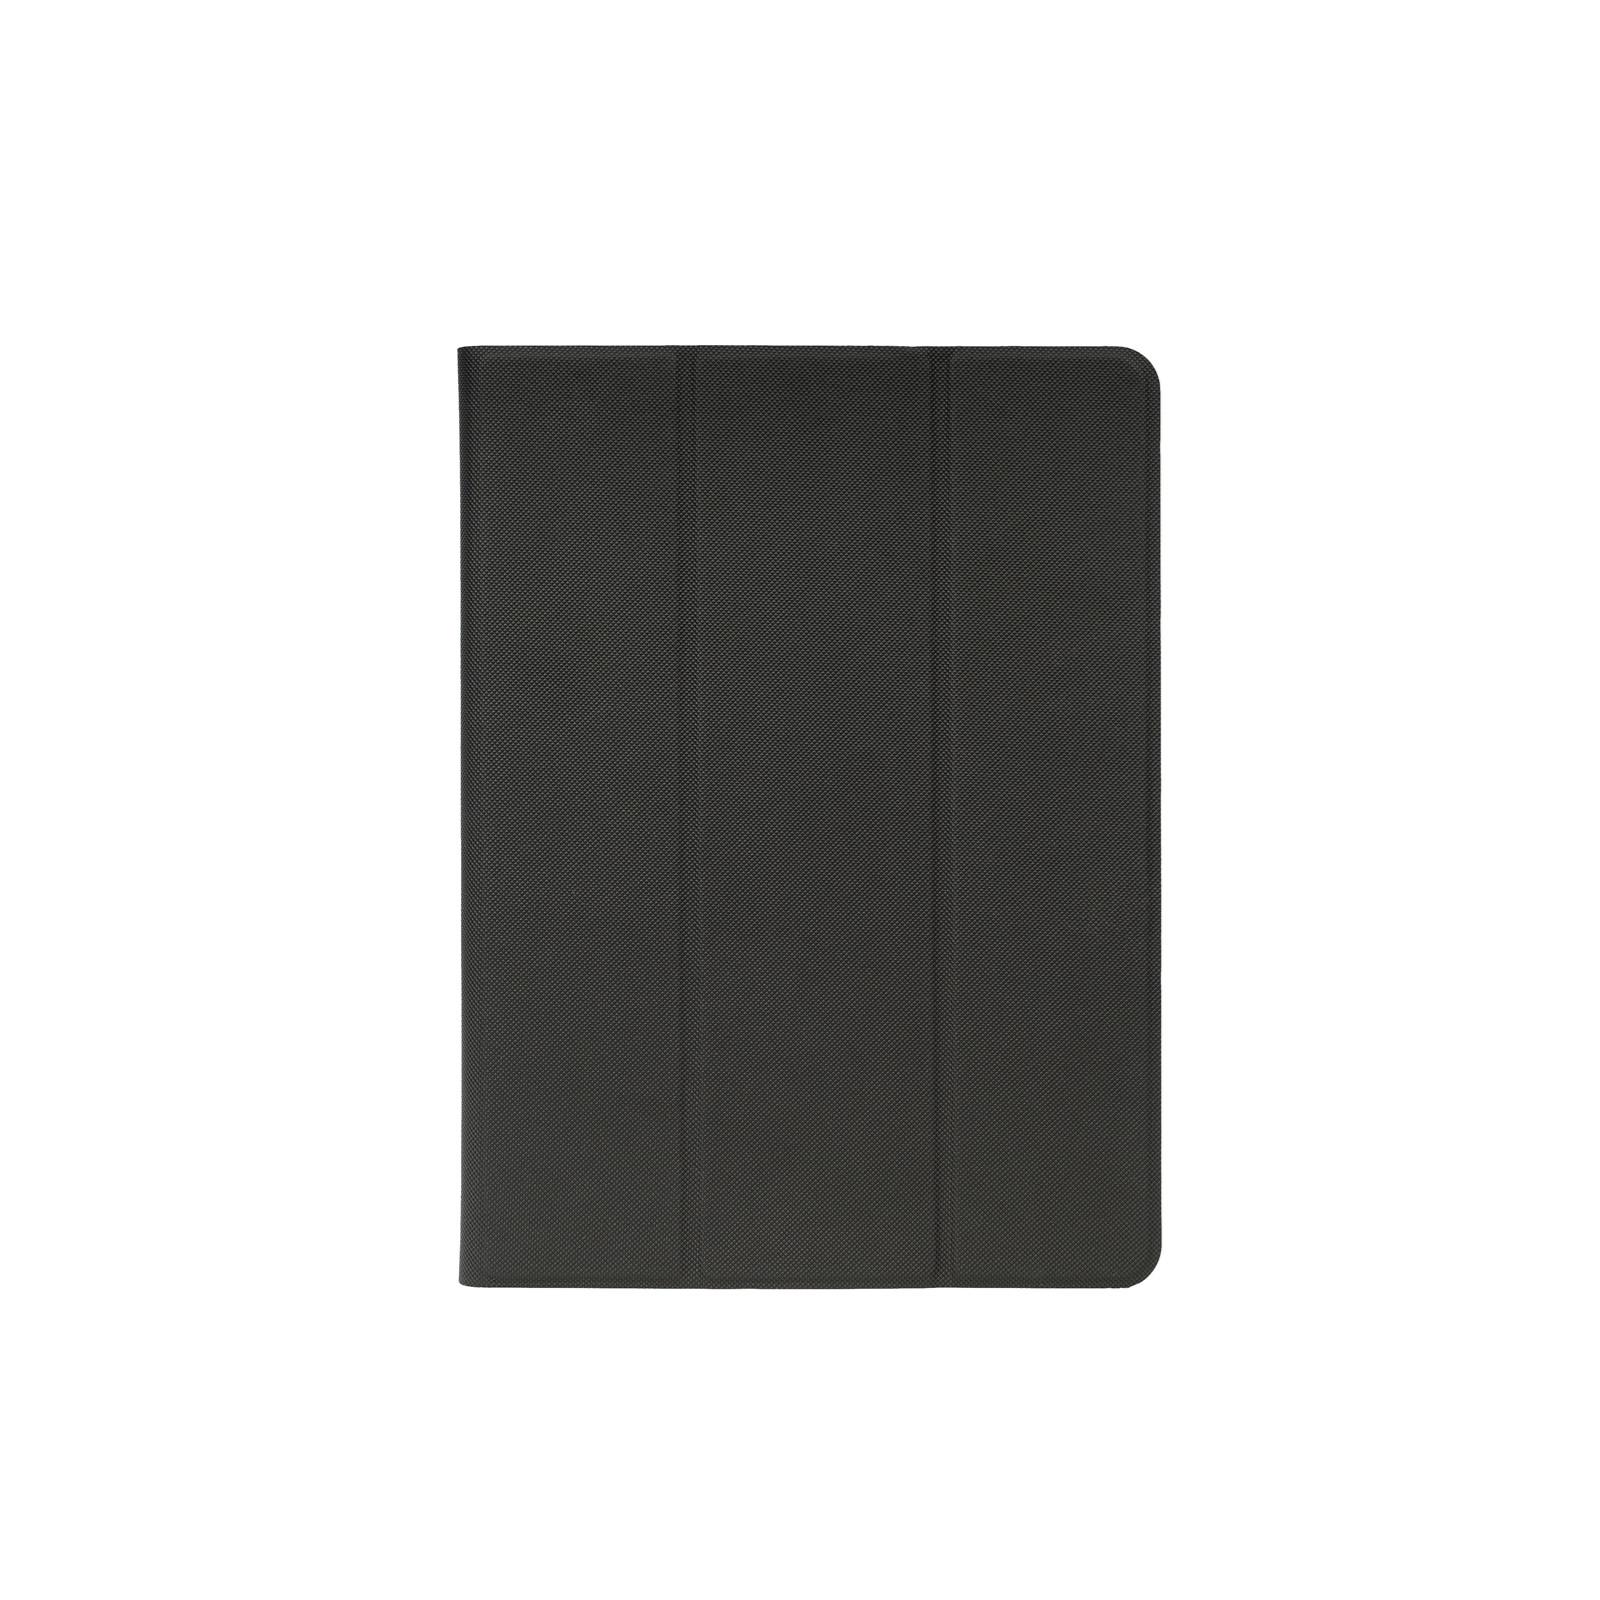 Tucano UP PLUS iPad 10.2'' (2019) Case, Black